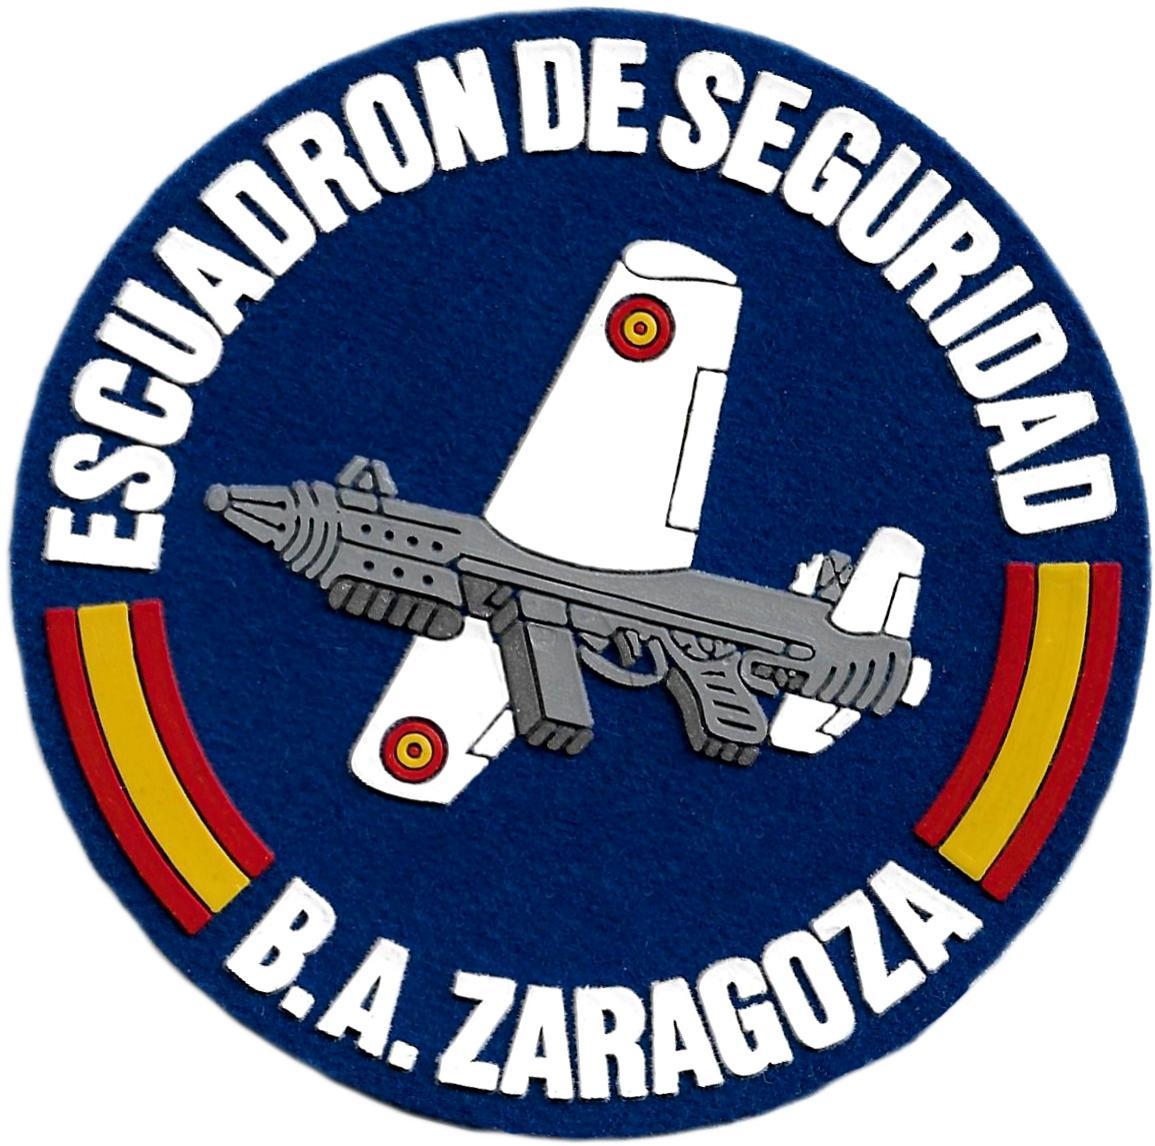 Ejército del Aire Escuadrón de Seguridad Base Aérea de Zaragoza parche insignia emblema distintivo